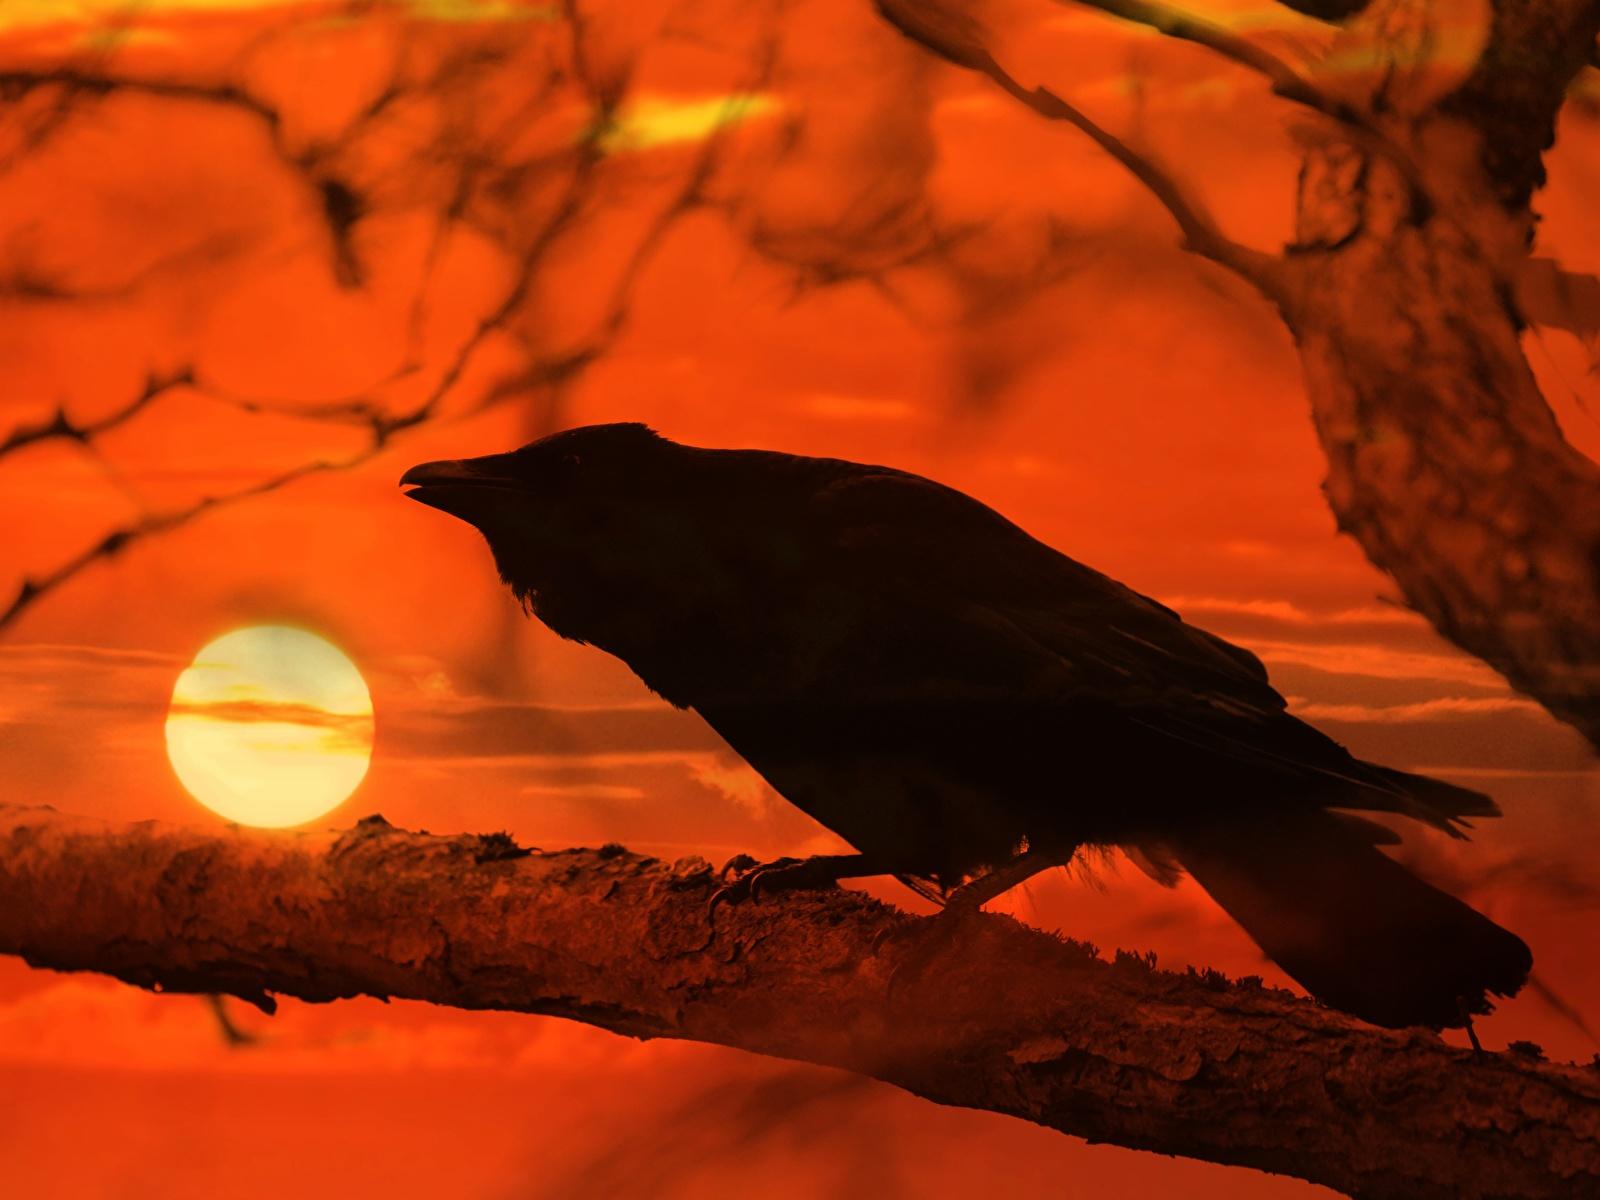 Bilder von Aaskrähe Sonne Sonnenaufgänge und Sonnenuntergänge Ast Tiere 1600x1200